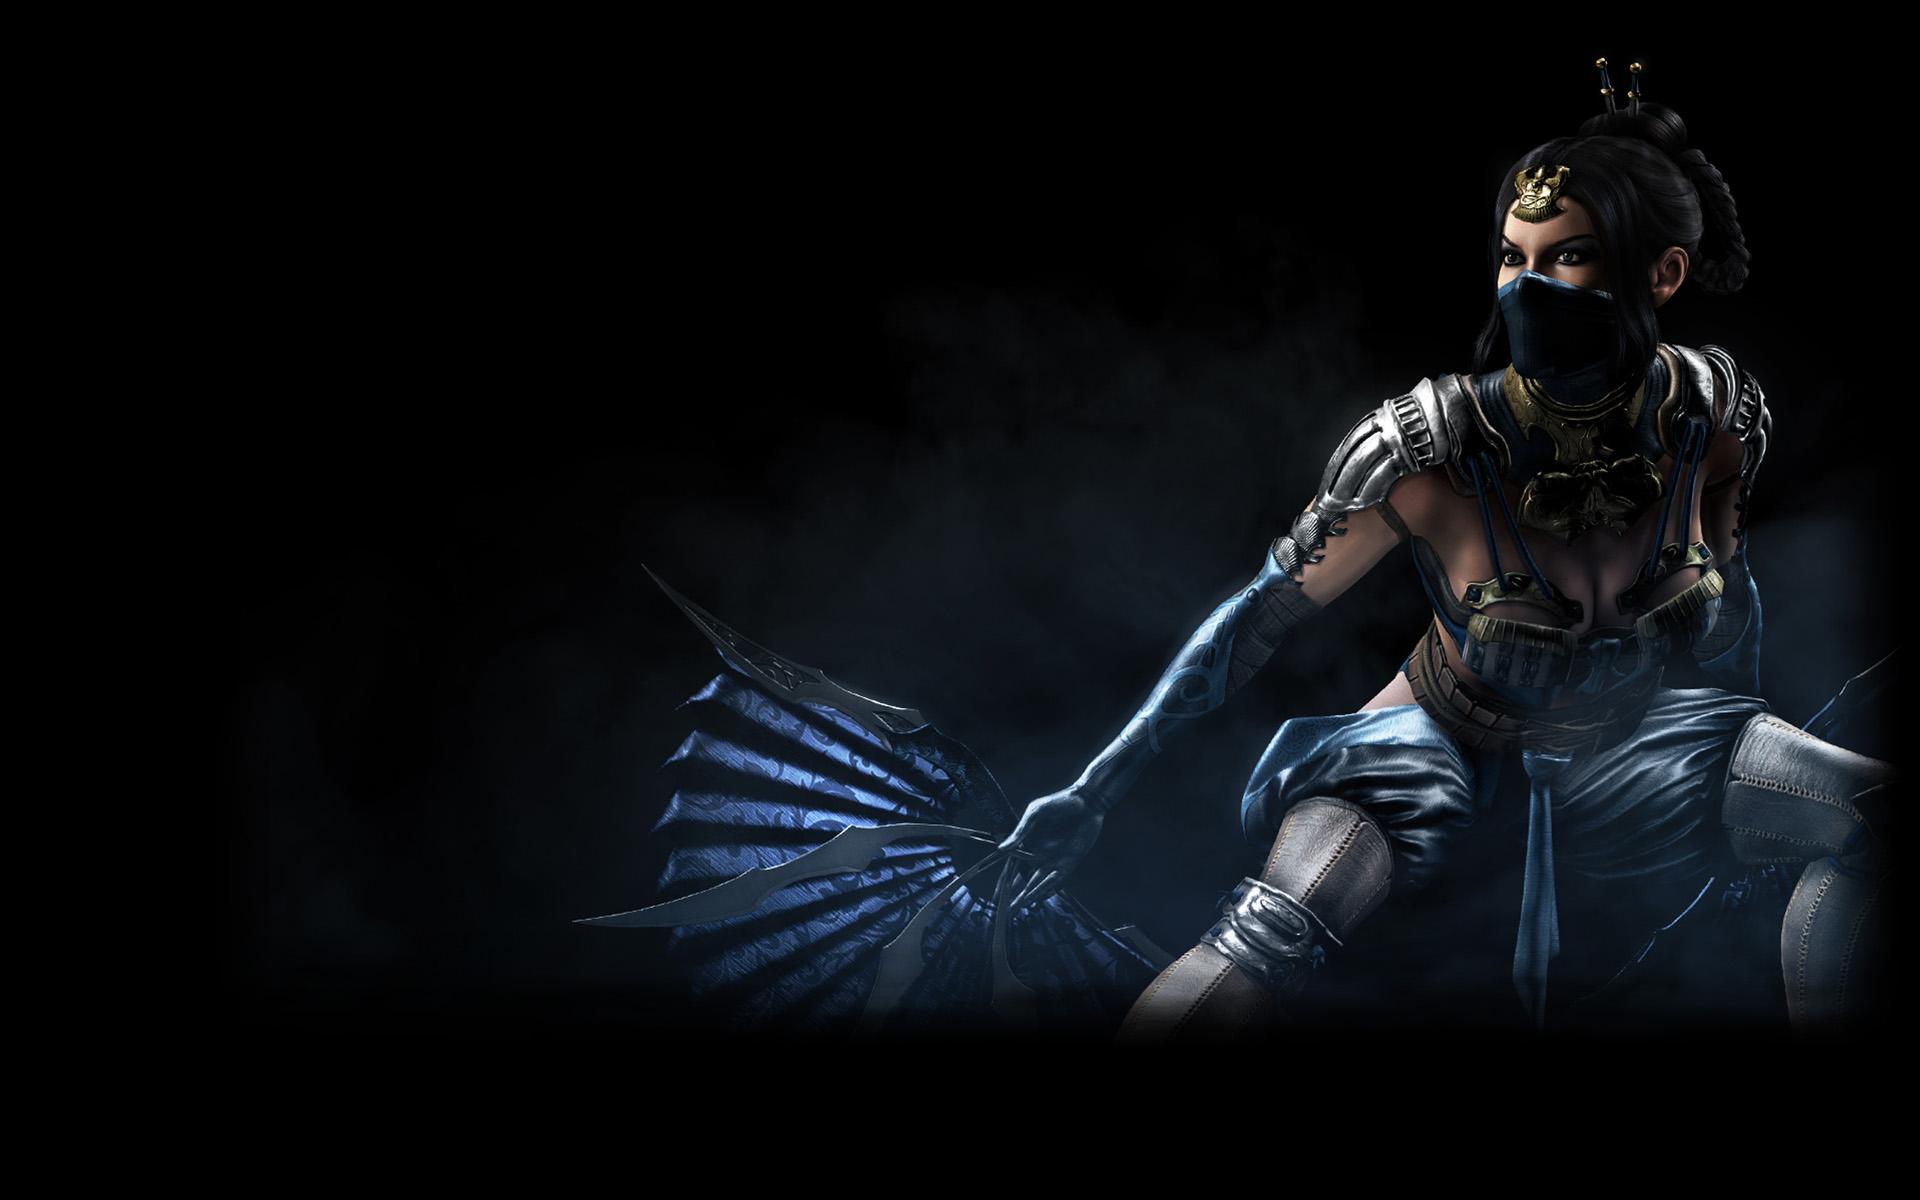 Inilah 5 Fakta Kitana Mortal Kombat, Putri Angkat Shao Kahn yang Cantik dan Mematikan!